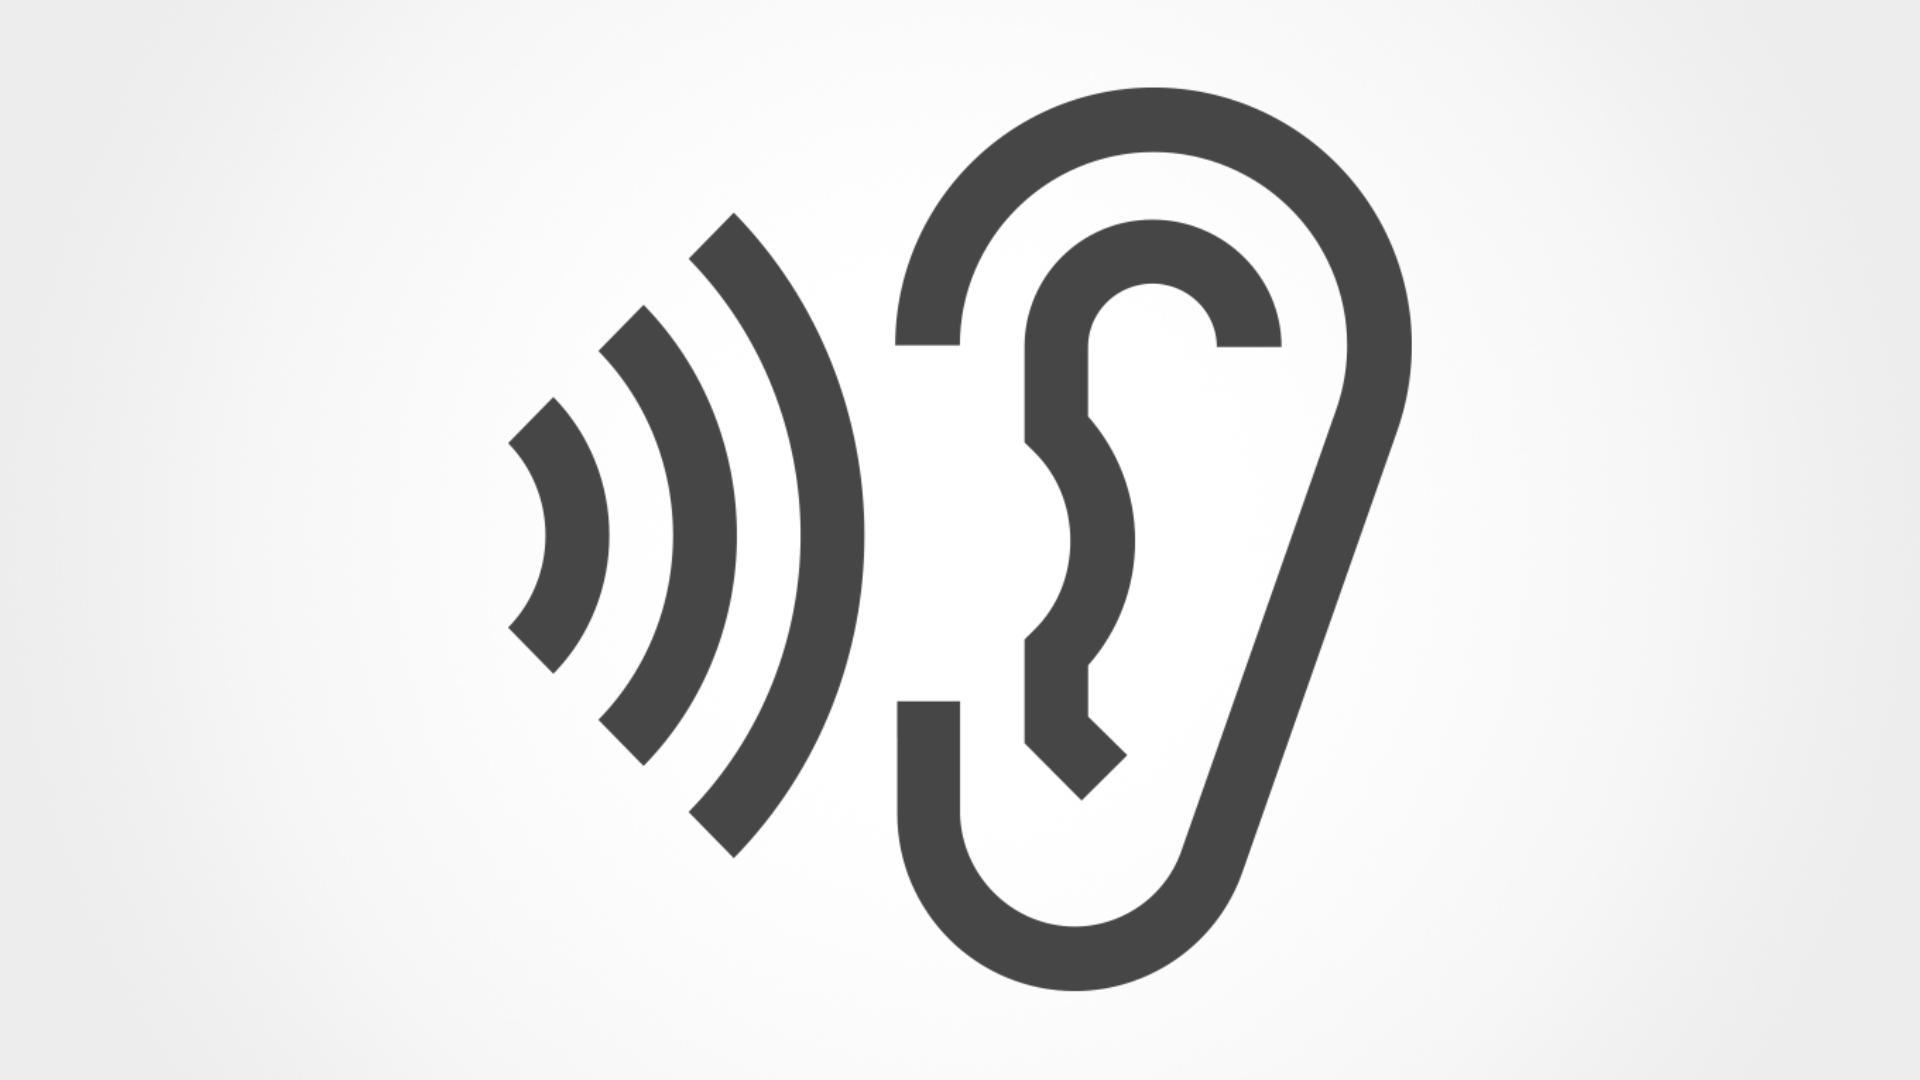 אוזן מאזינה לרמות רעש שקטות יותר